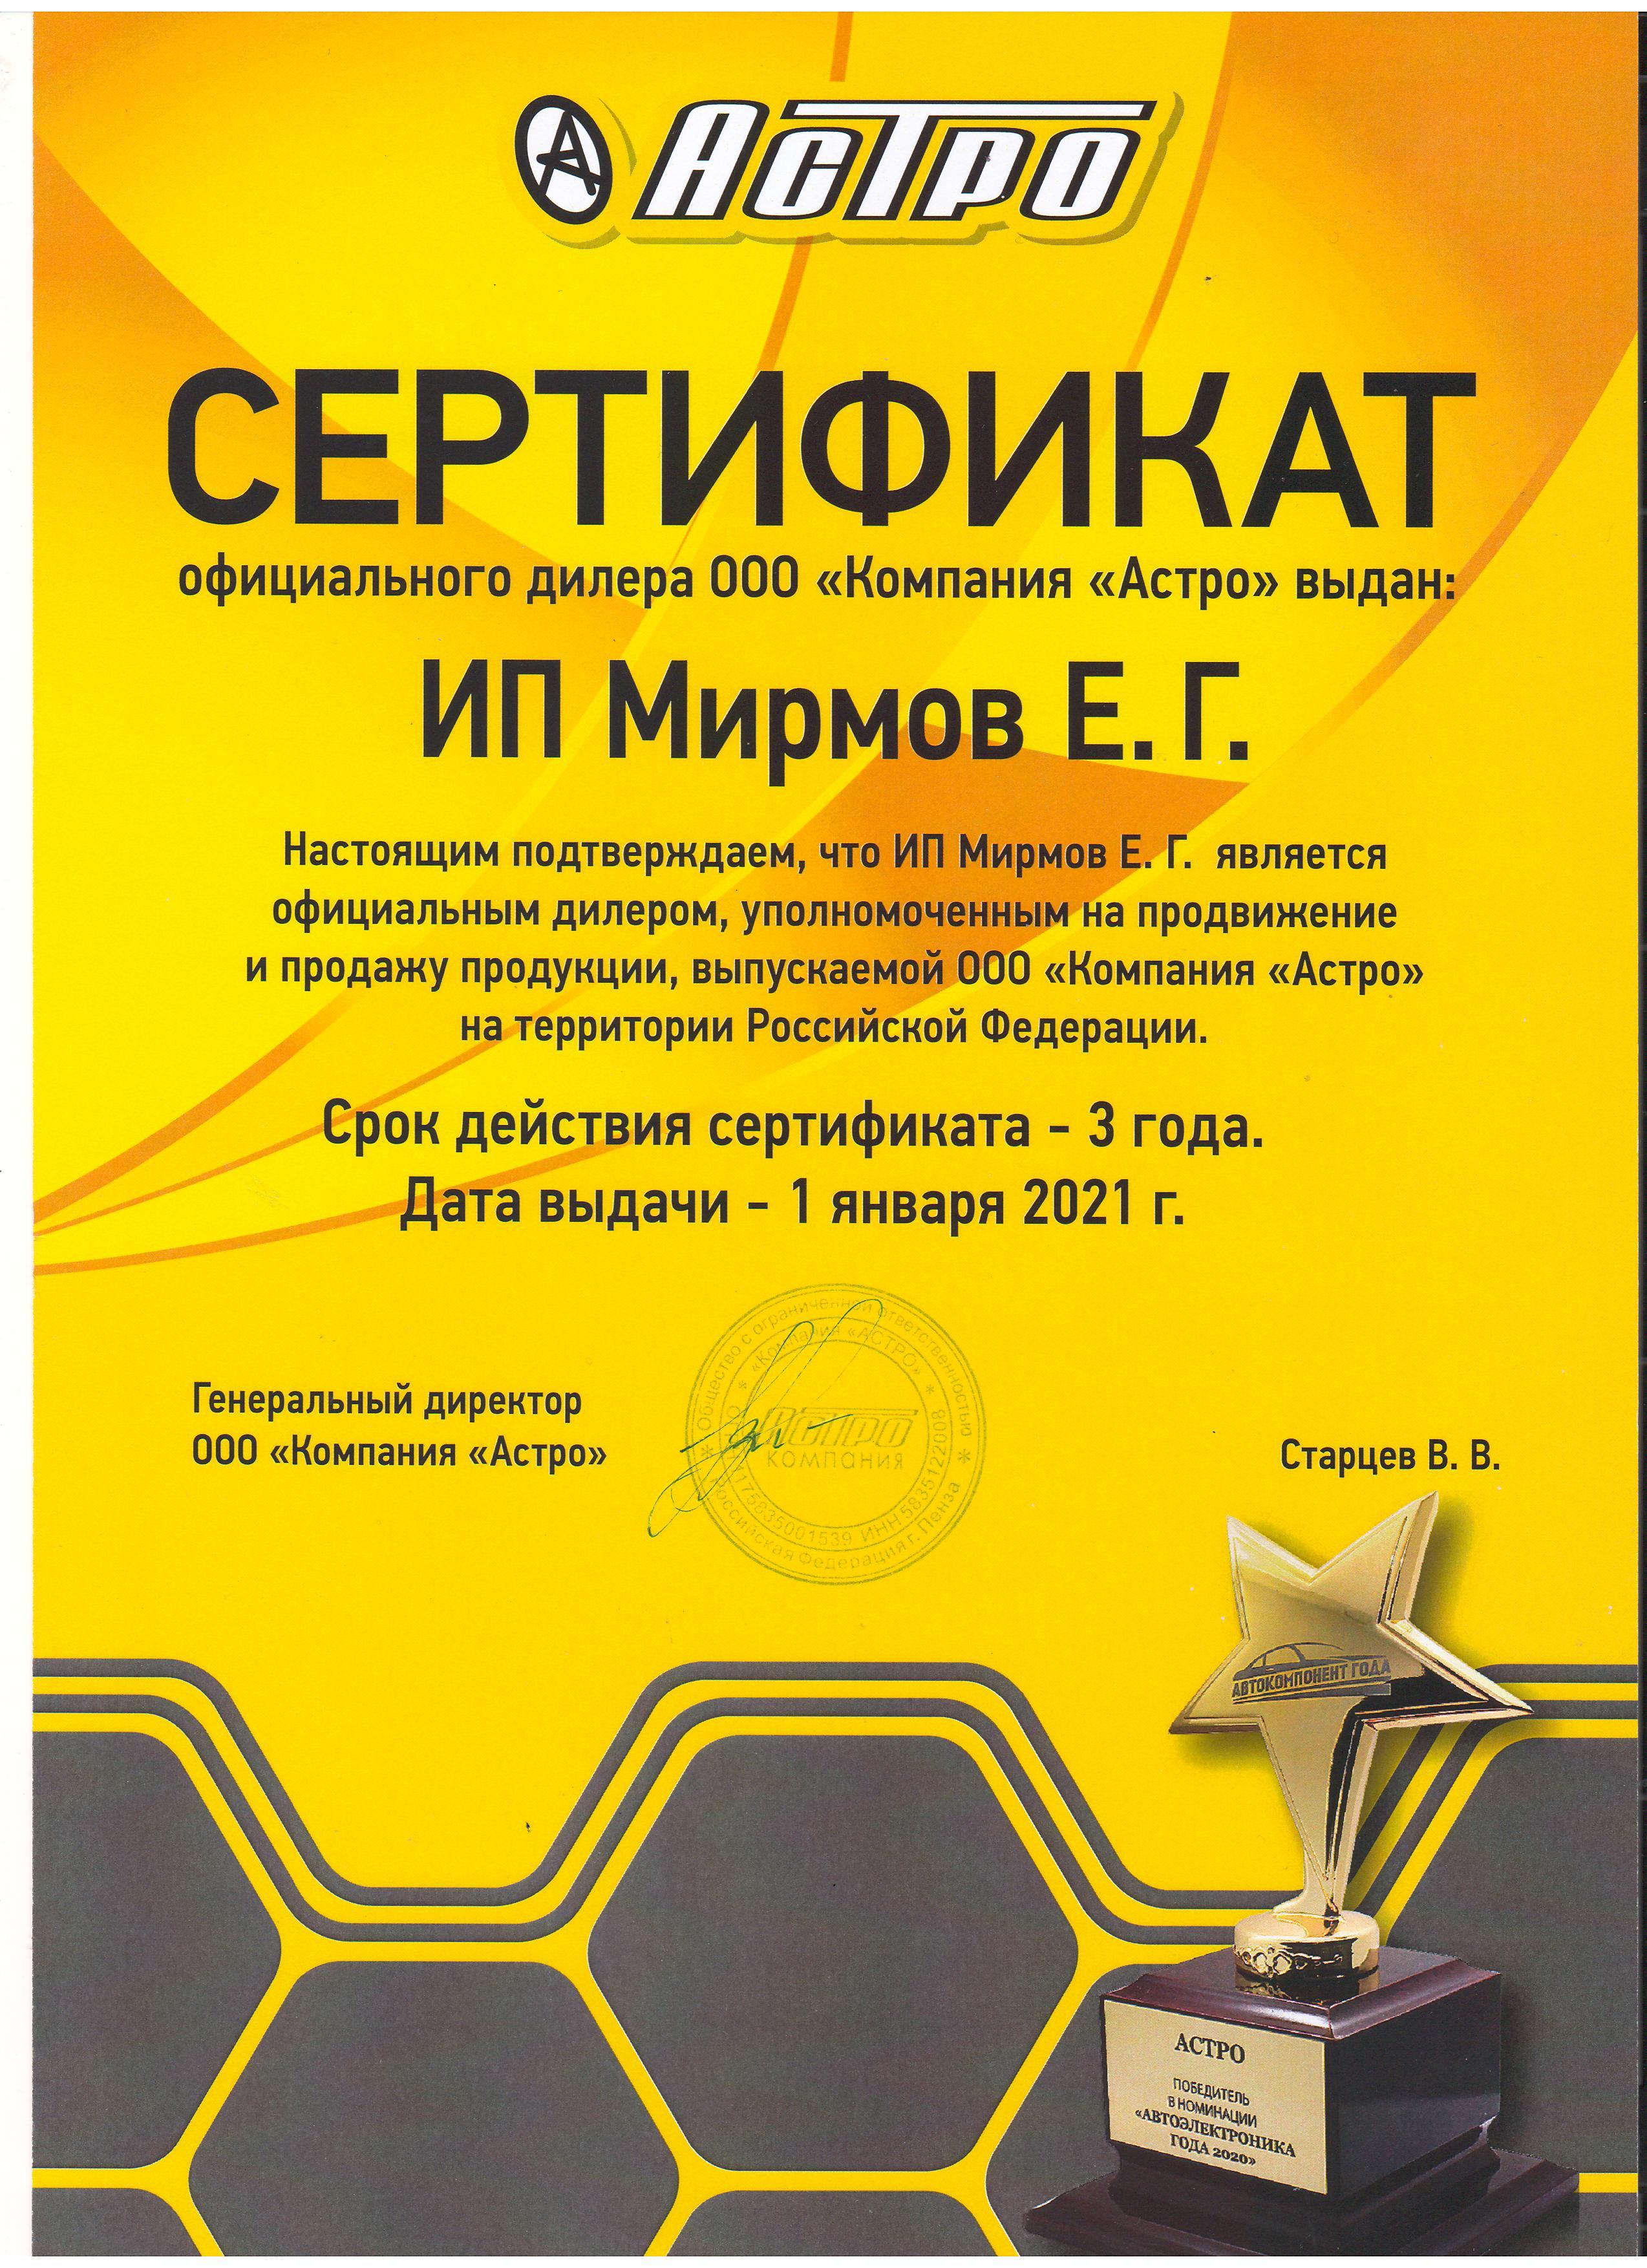 Сертификат для ИП Кучеров Л.А.